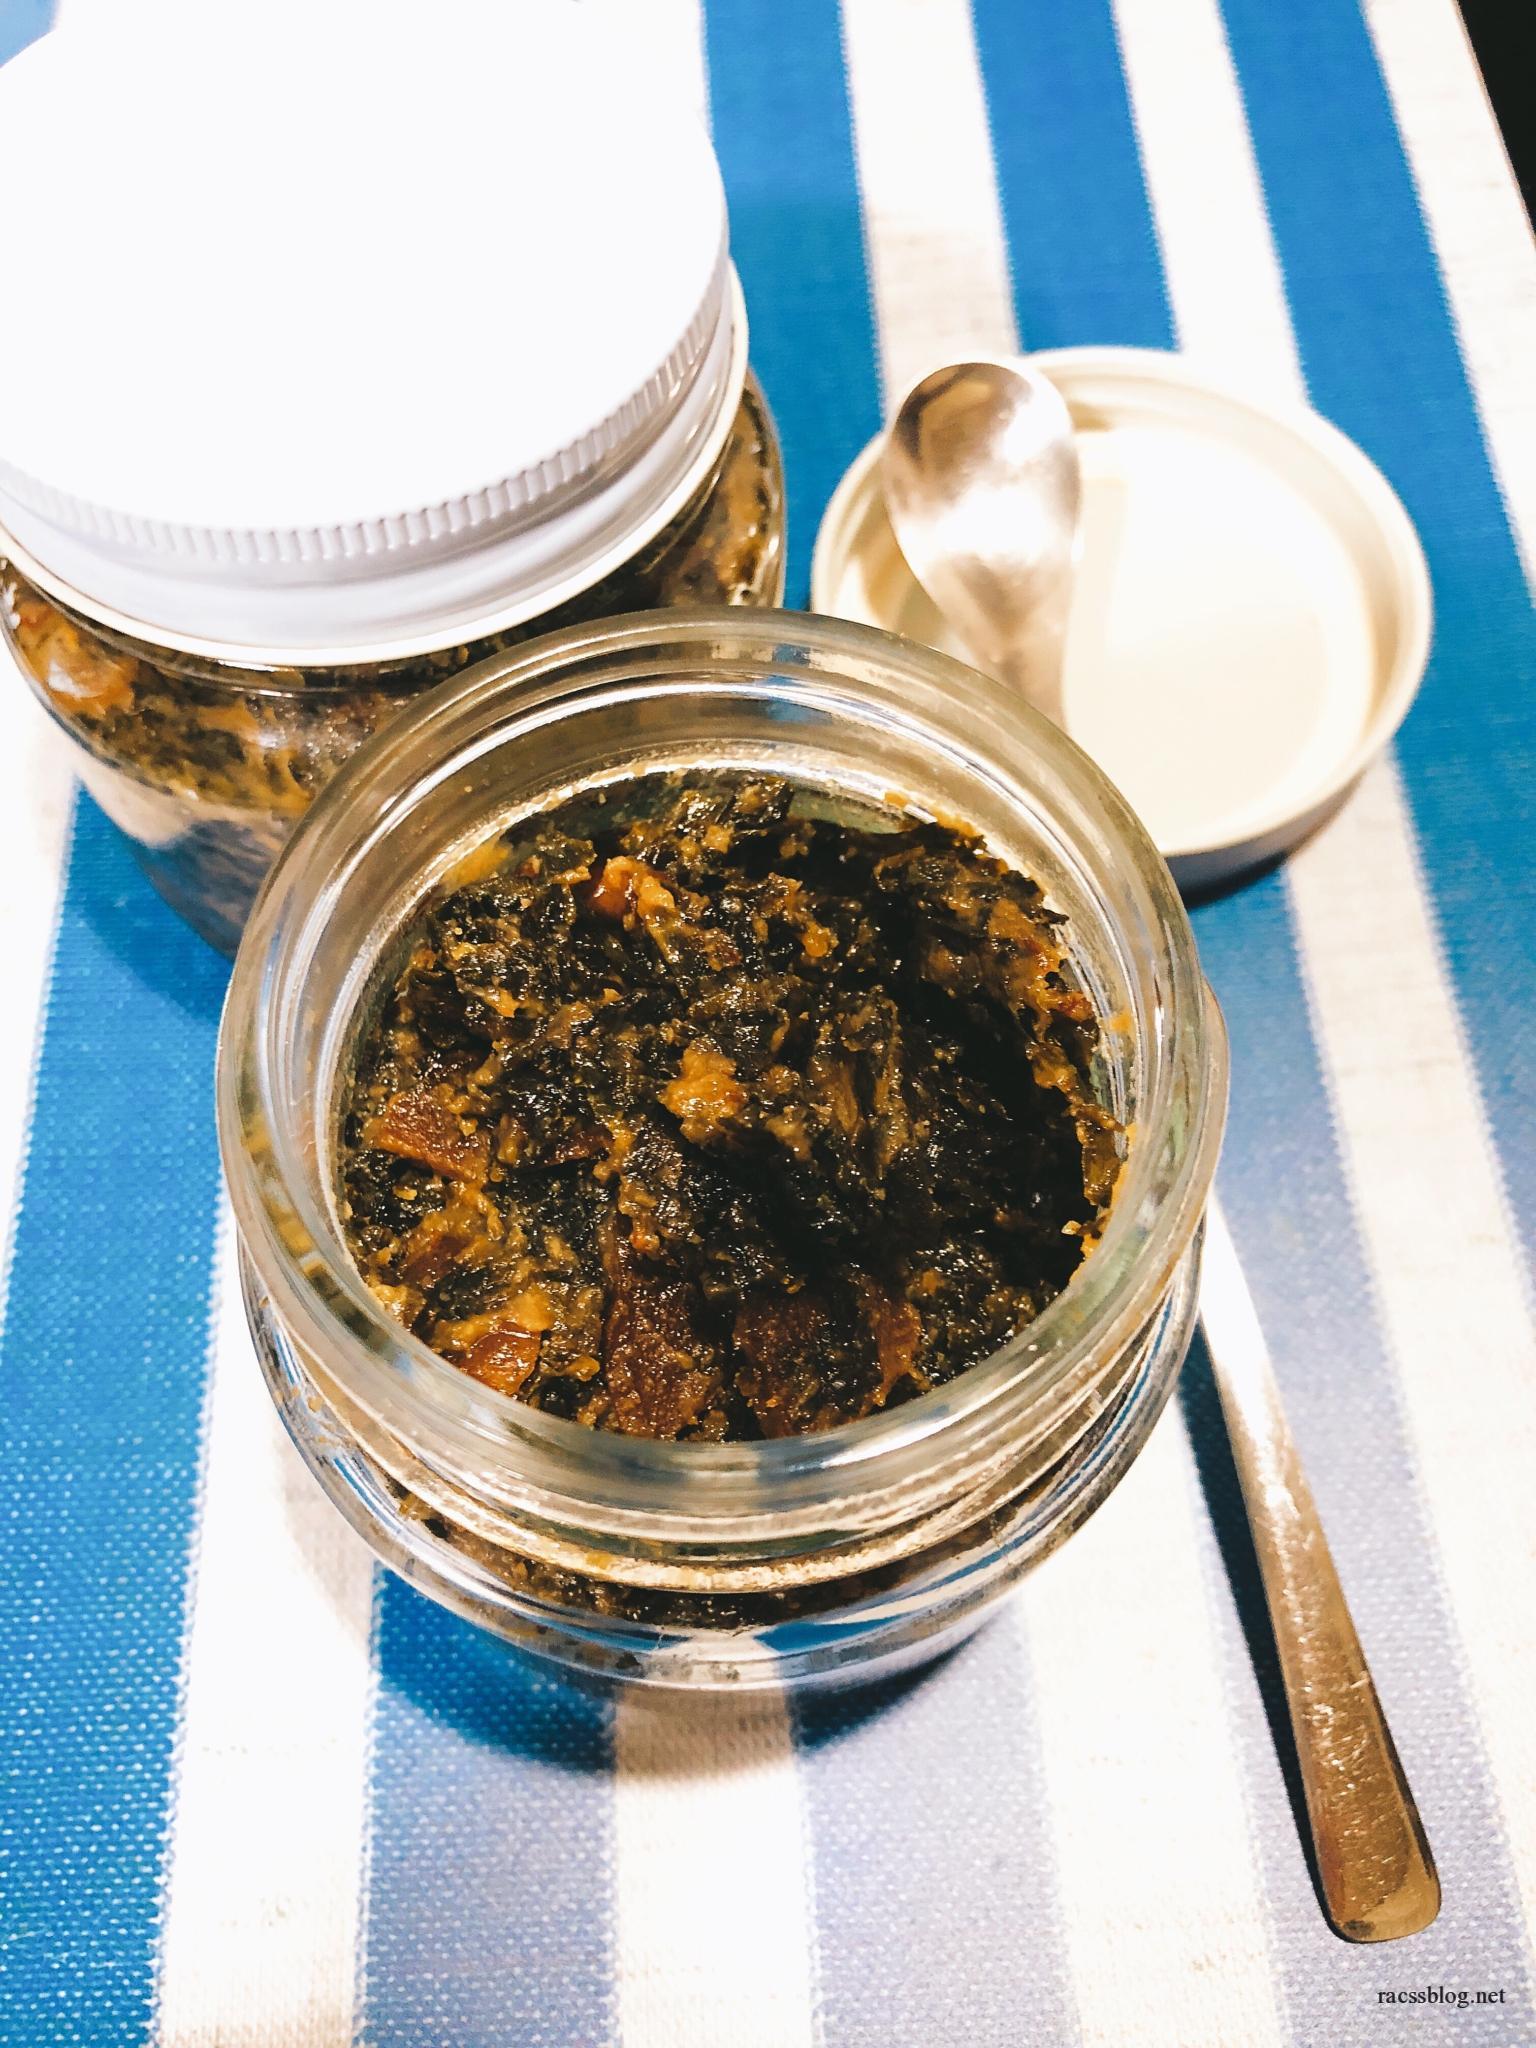 青シソ大量消費レシピ!大葉味噌の作り方